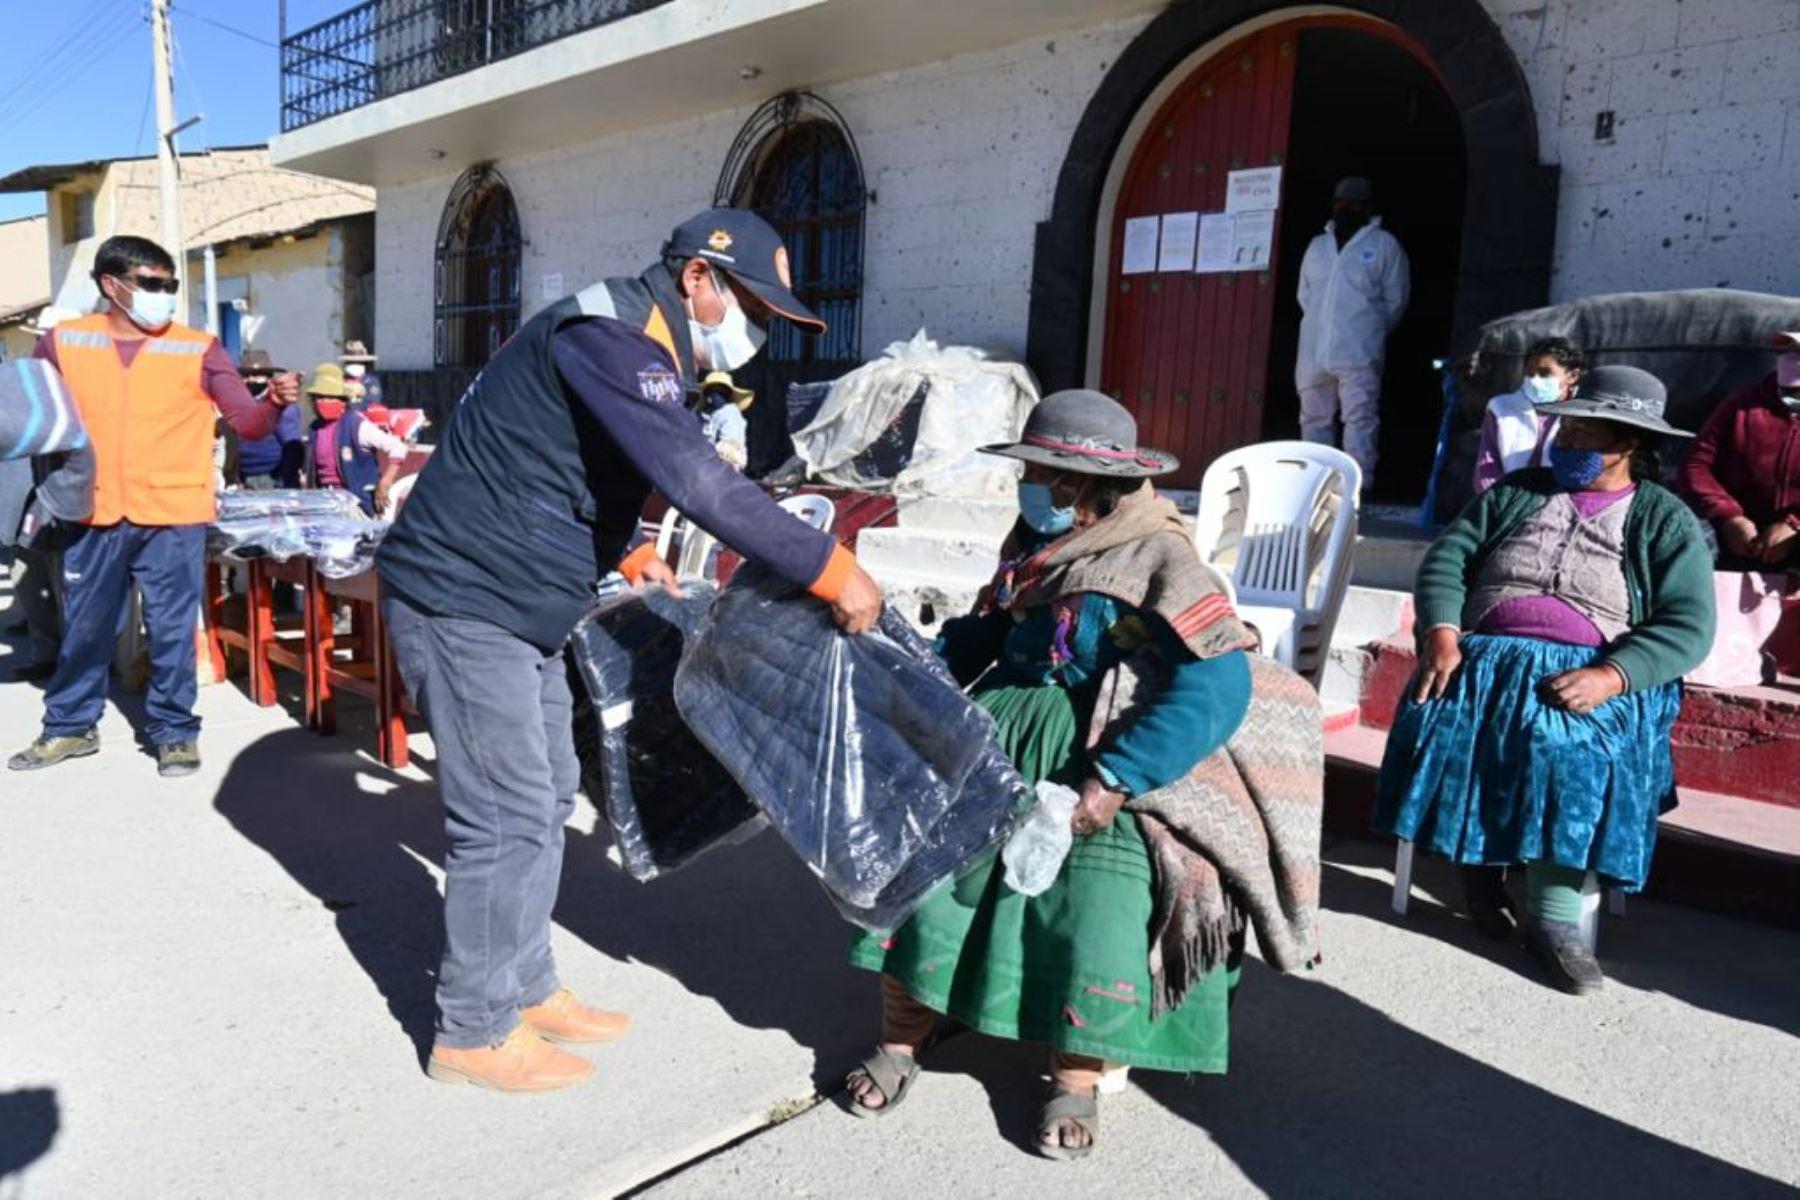 La Oficina Regional de Defensa Nacional y Defensa Civil de Arequipa entregó 1,275 frazadas y 350 mantas a la población afectadas por las bajas temperaturas. Foto: ANDINA/Difusión